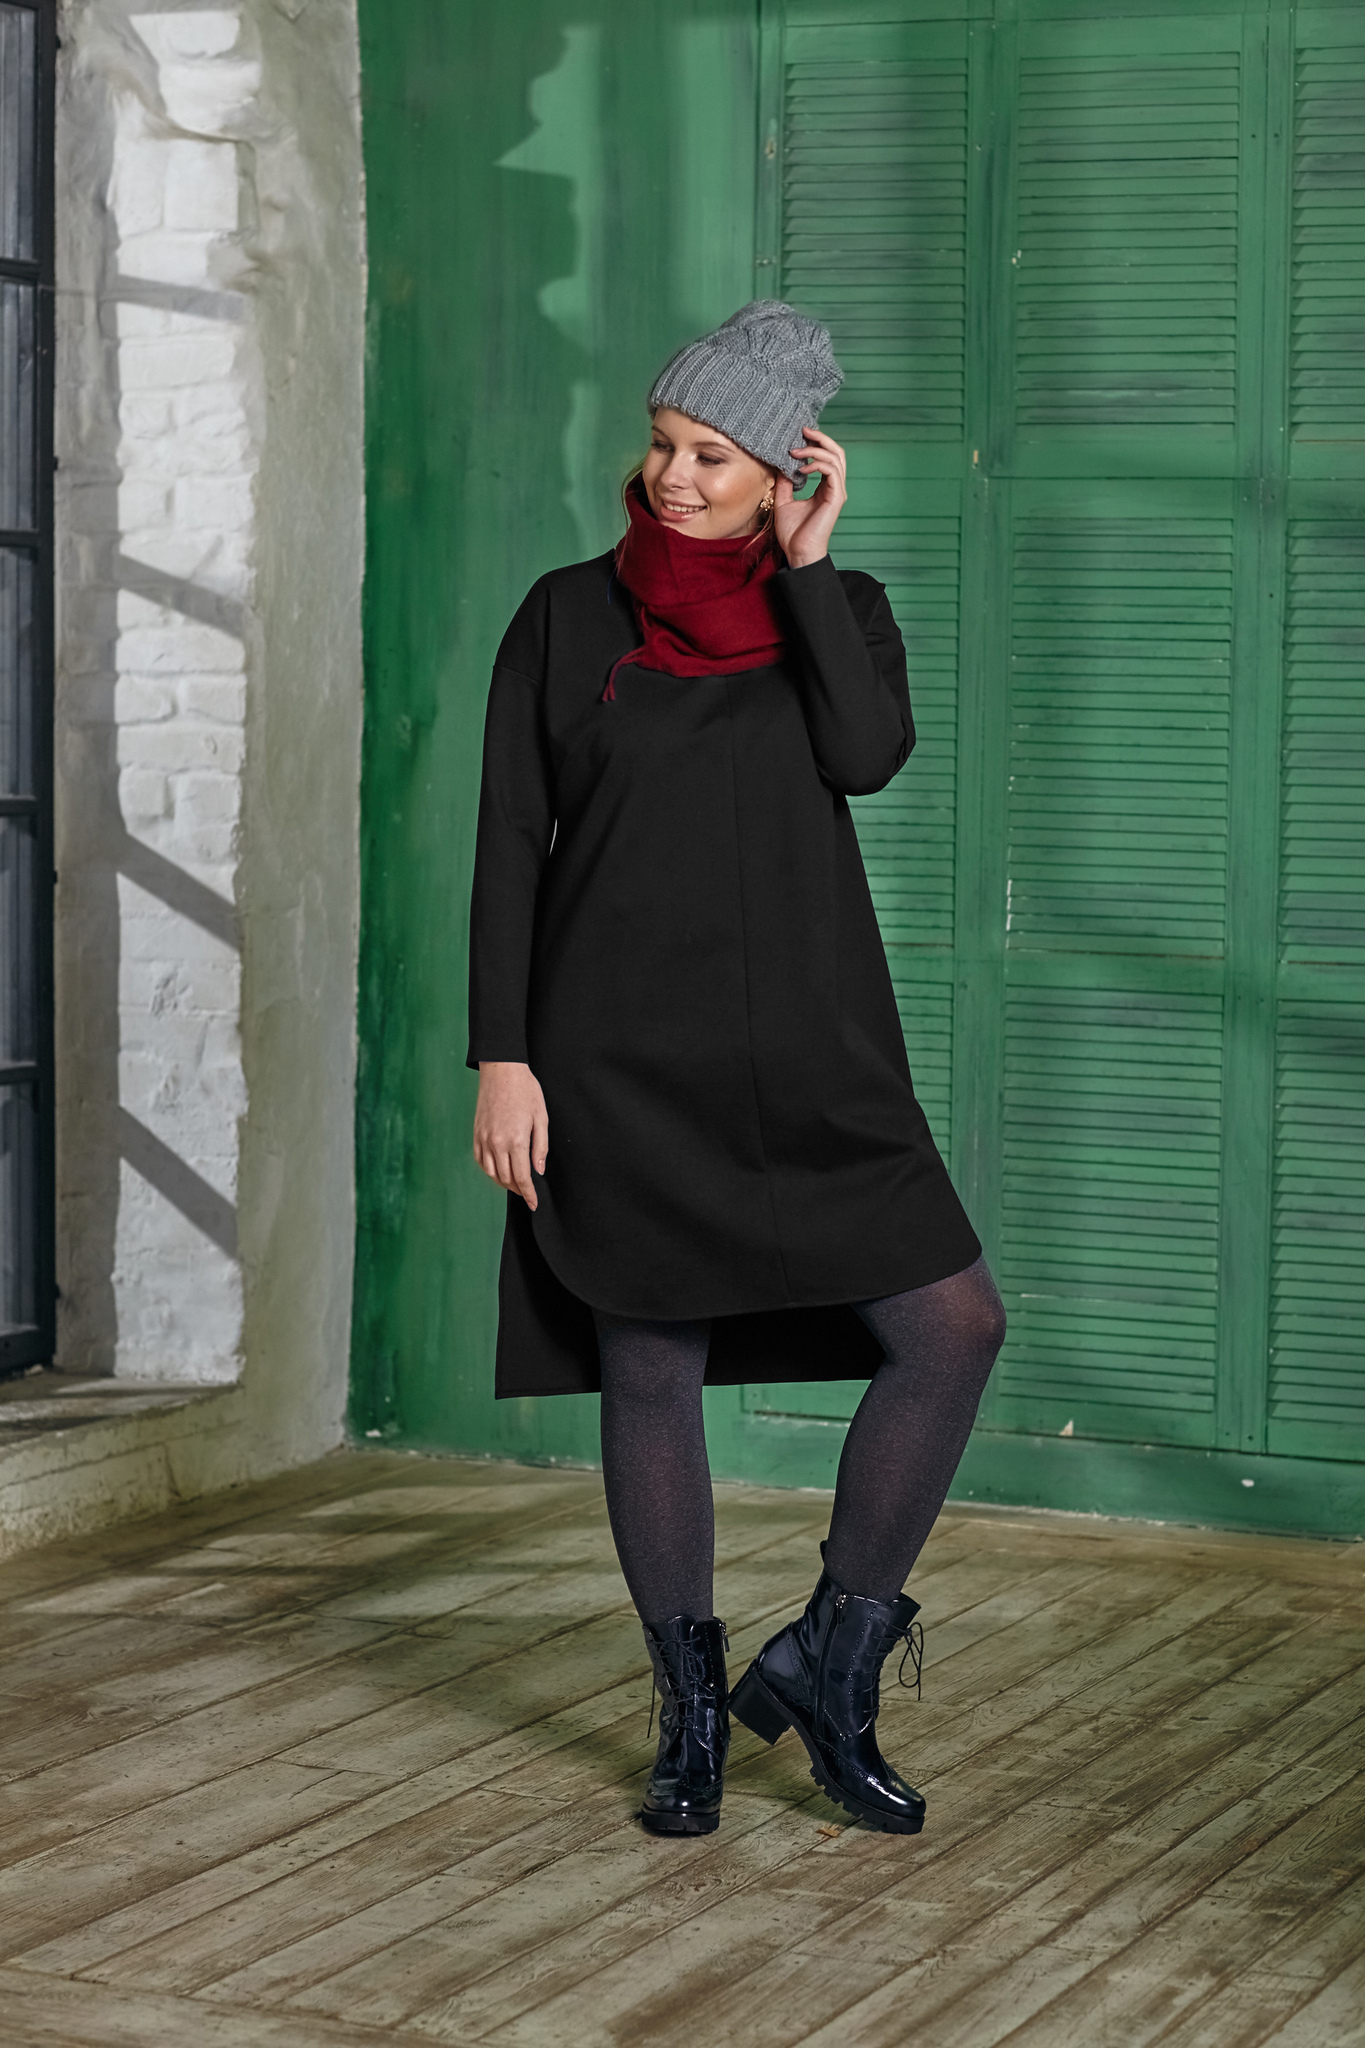 Туника BASE SW2 DM01Джемперы<br>Туника из великолепного плотного трикотажа – практичная, стильная  и фантастически удобная вещичка Вашего гардероба! Разный уровень длины на спине и впереди – добавляет правильной геометрии и стильного акцента образу. С брюками и плотными колготами, а также любой обувью и аксессуарами, Вы всегда в тренде!<br>